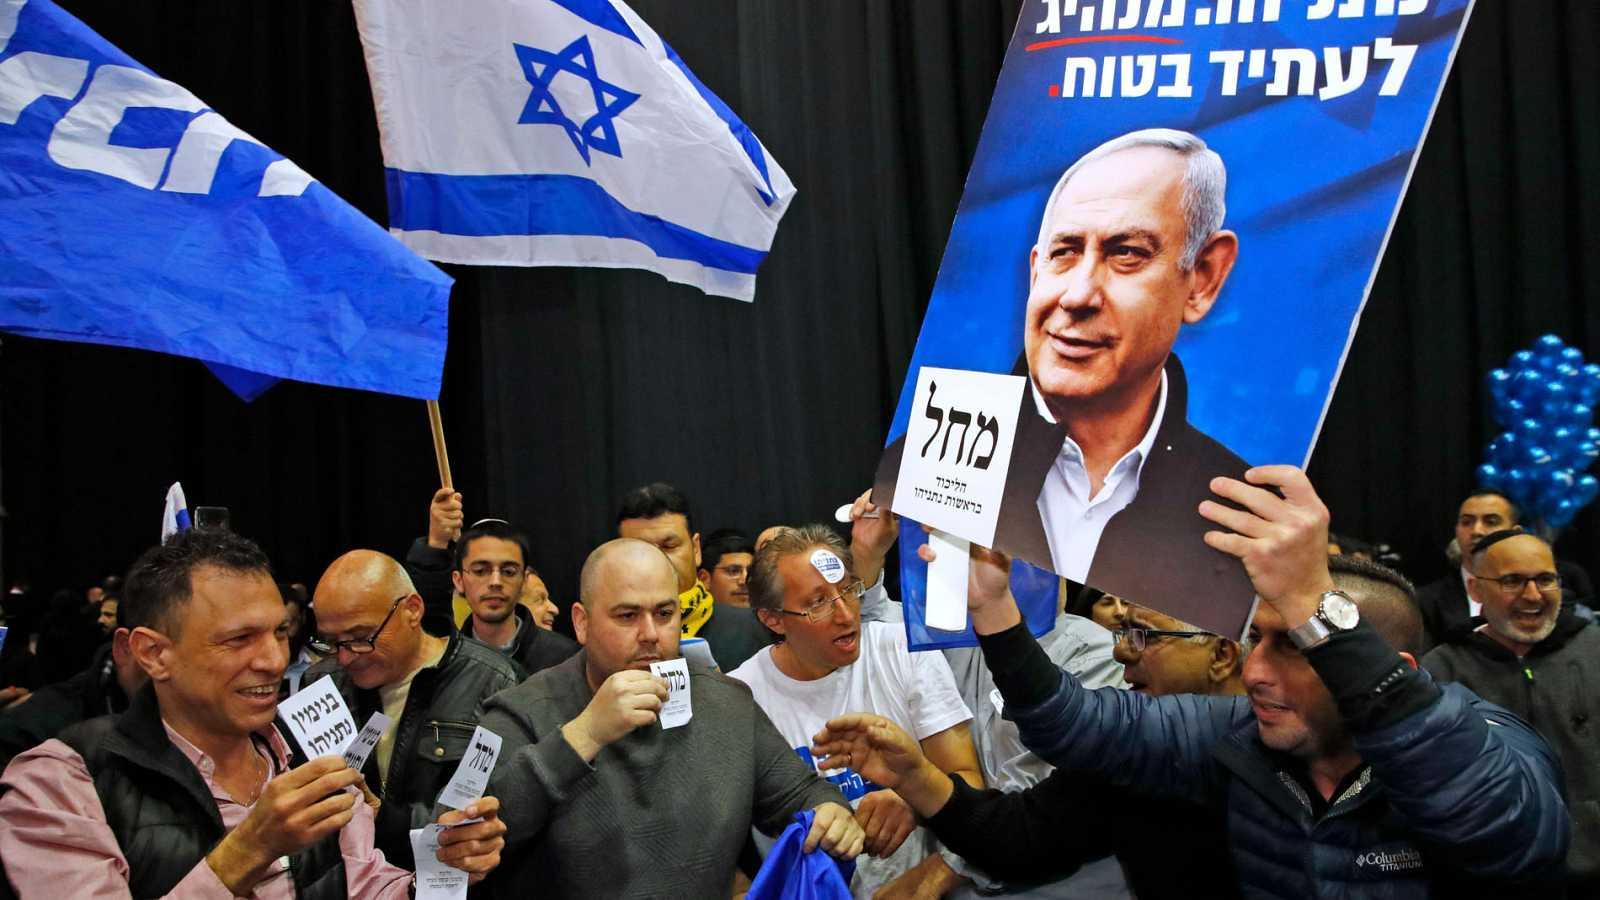 Netanyahu ganaría las elecciones en Israel, según los primeros sondeos